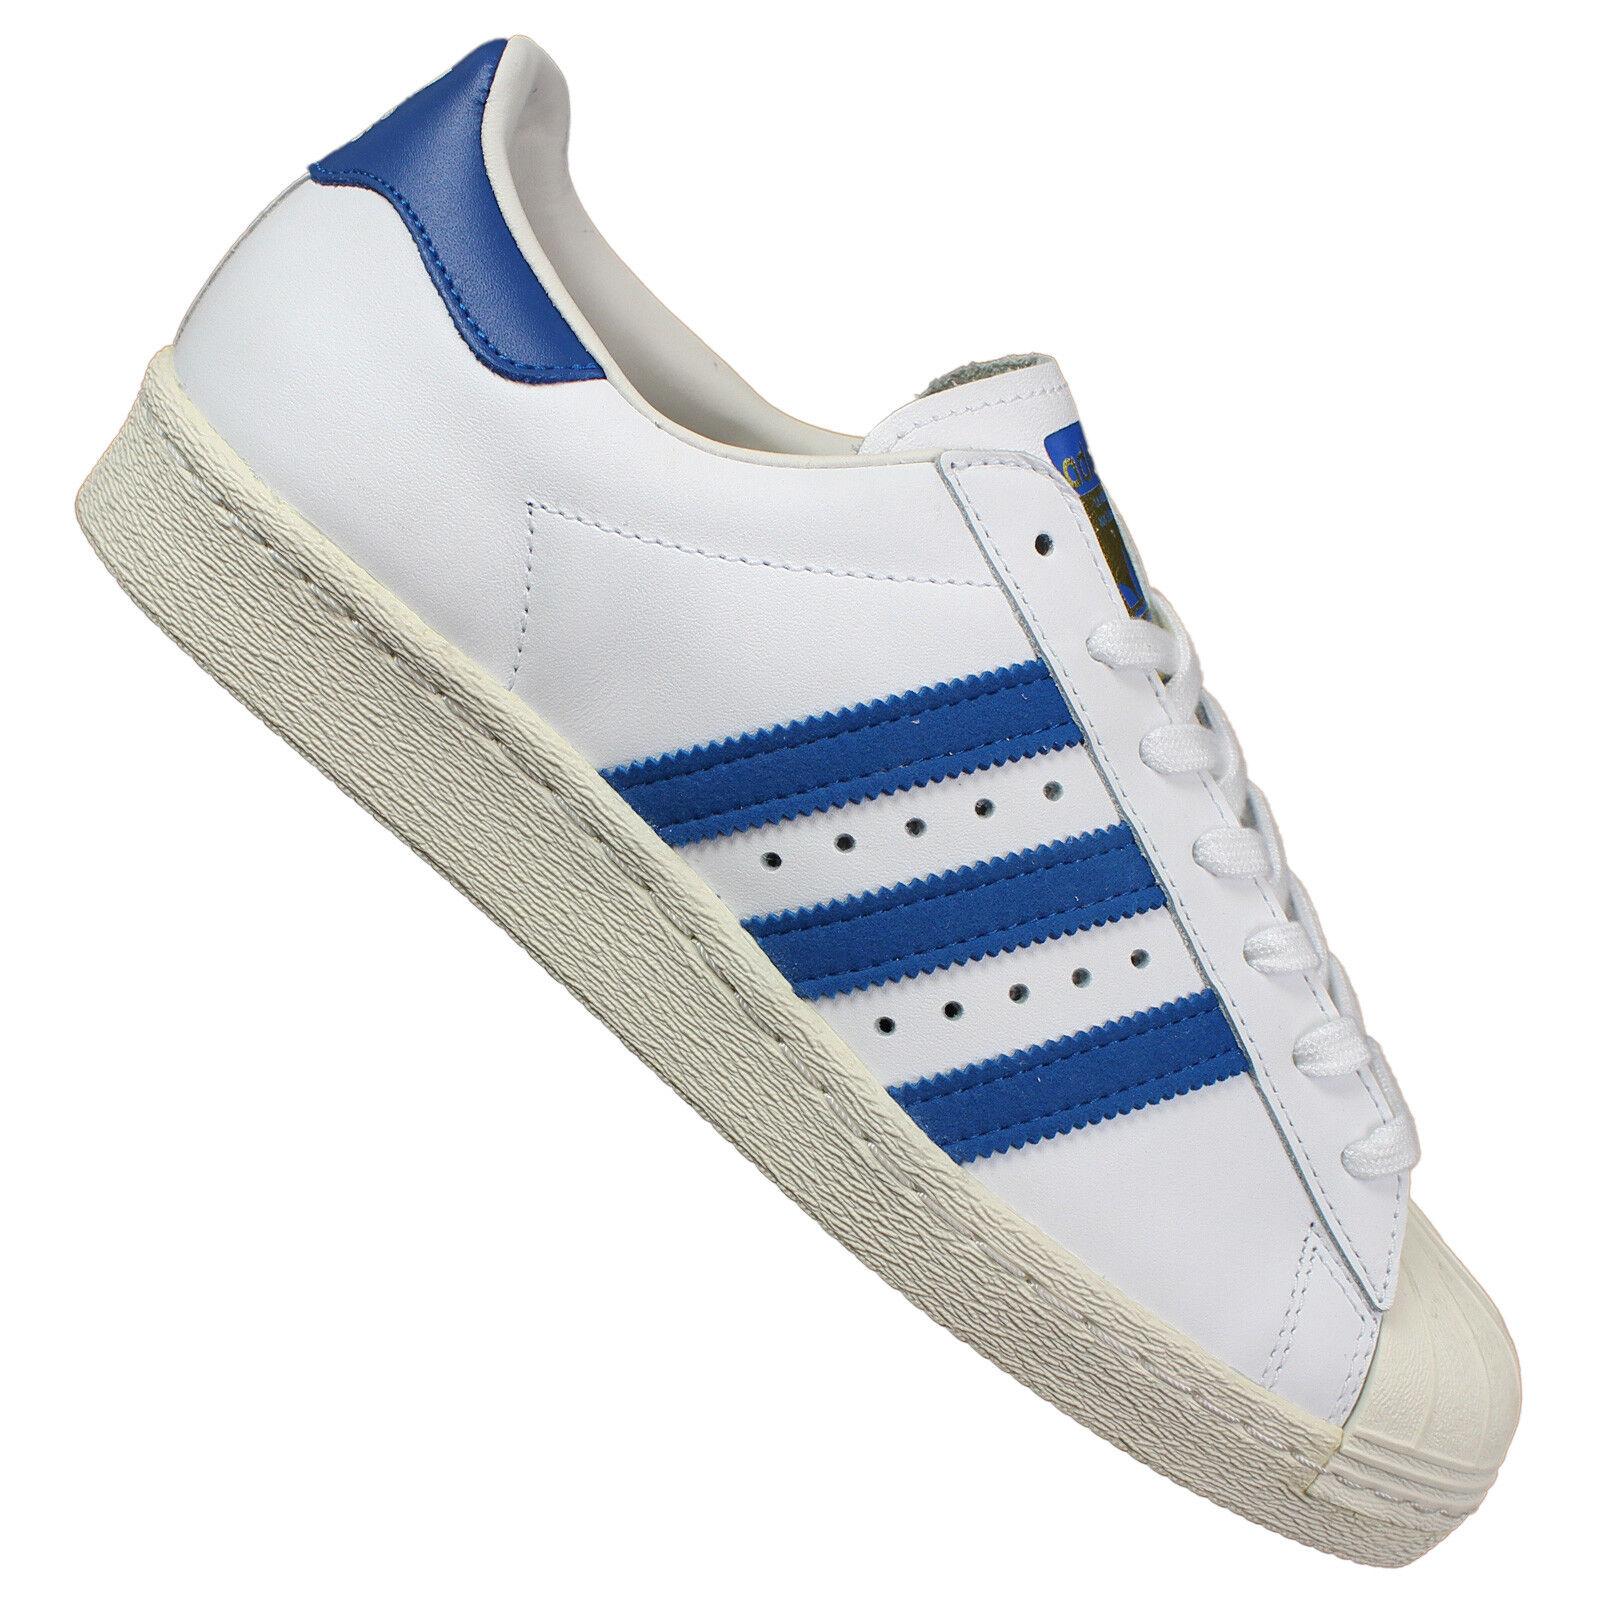 Adidas Superstar Superstar Adidas DE LOS AÑOS 80 CALZADO DEPORTIVO ZAPATILLAS PIEL cafb6c